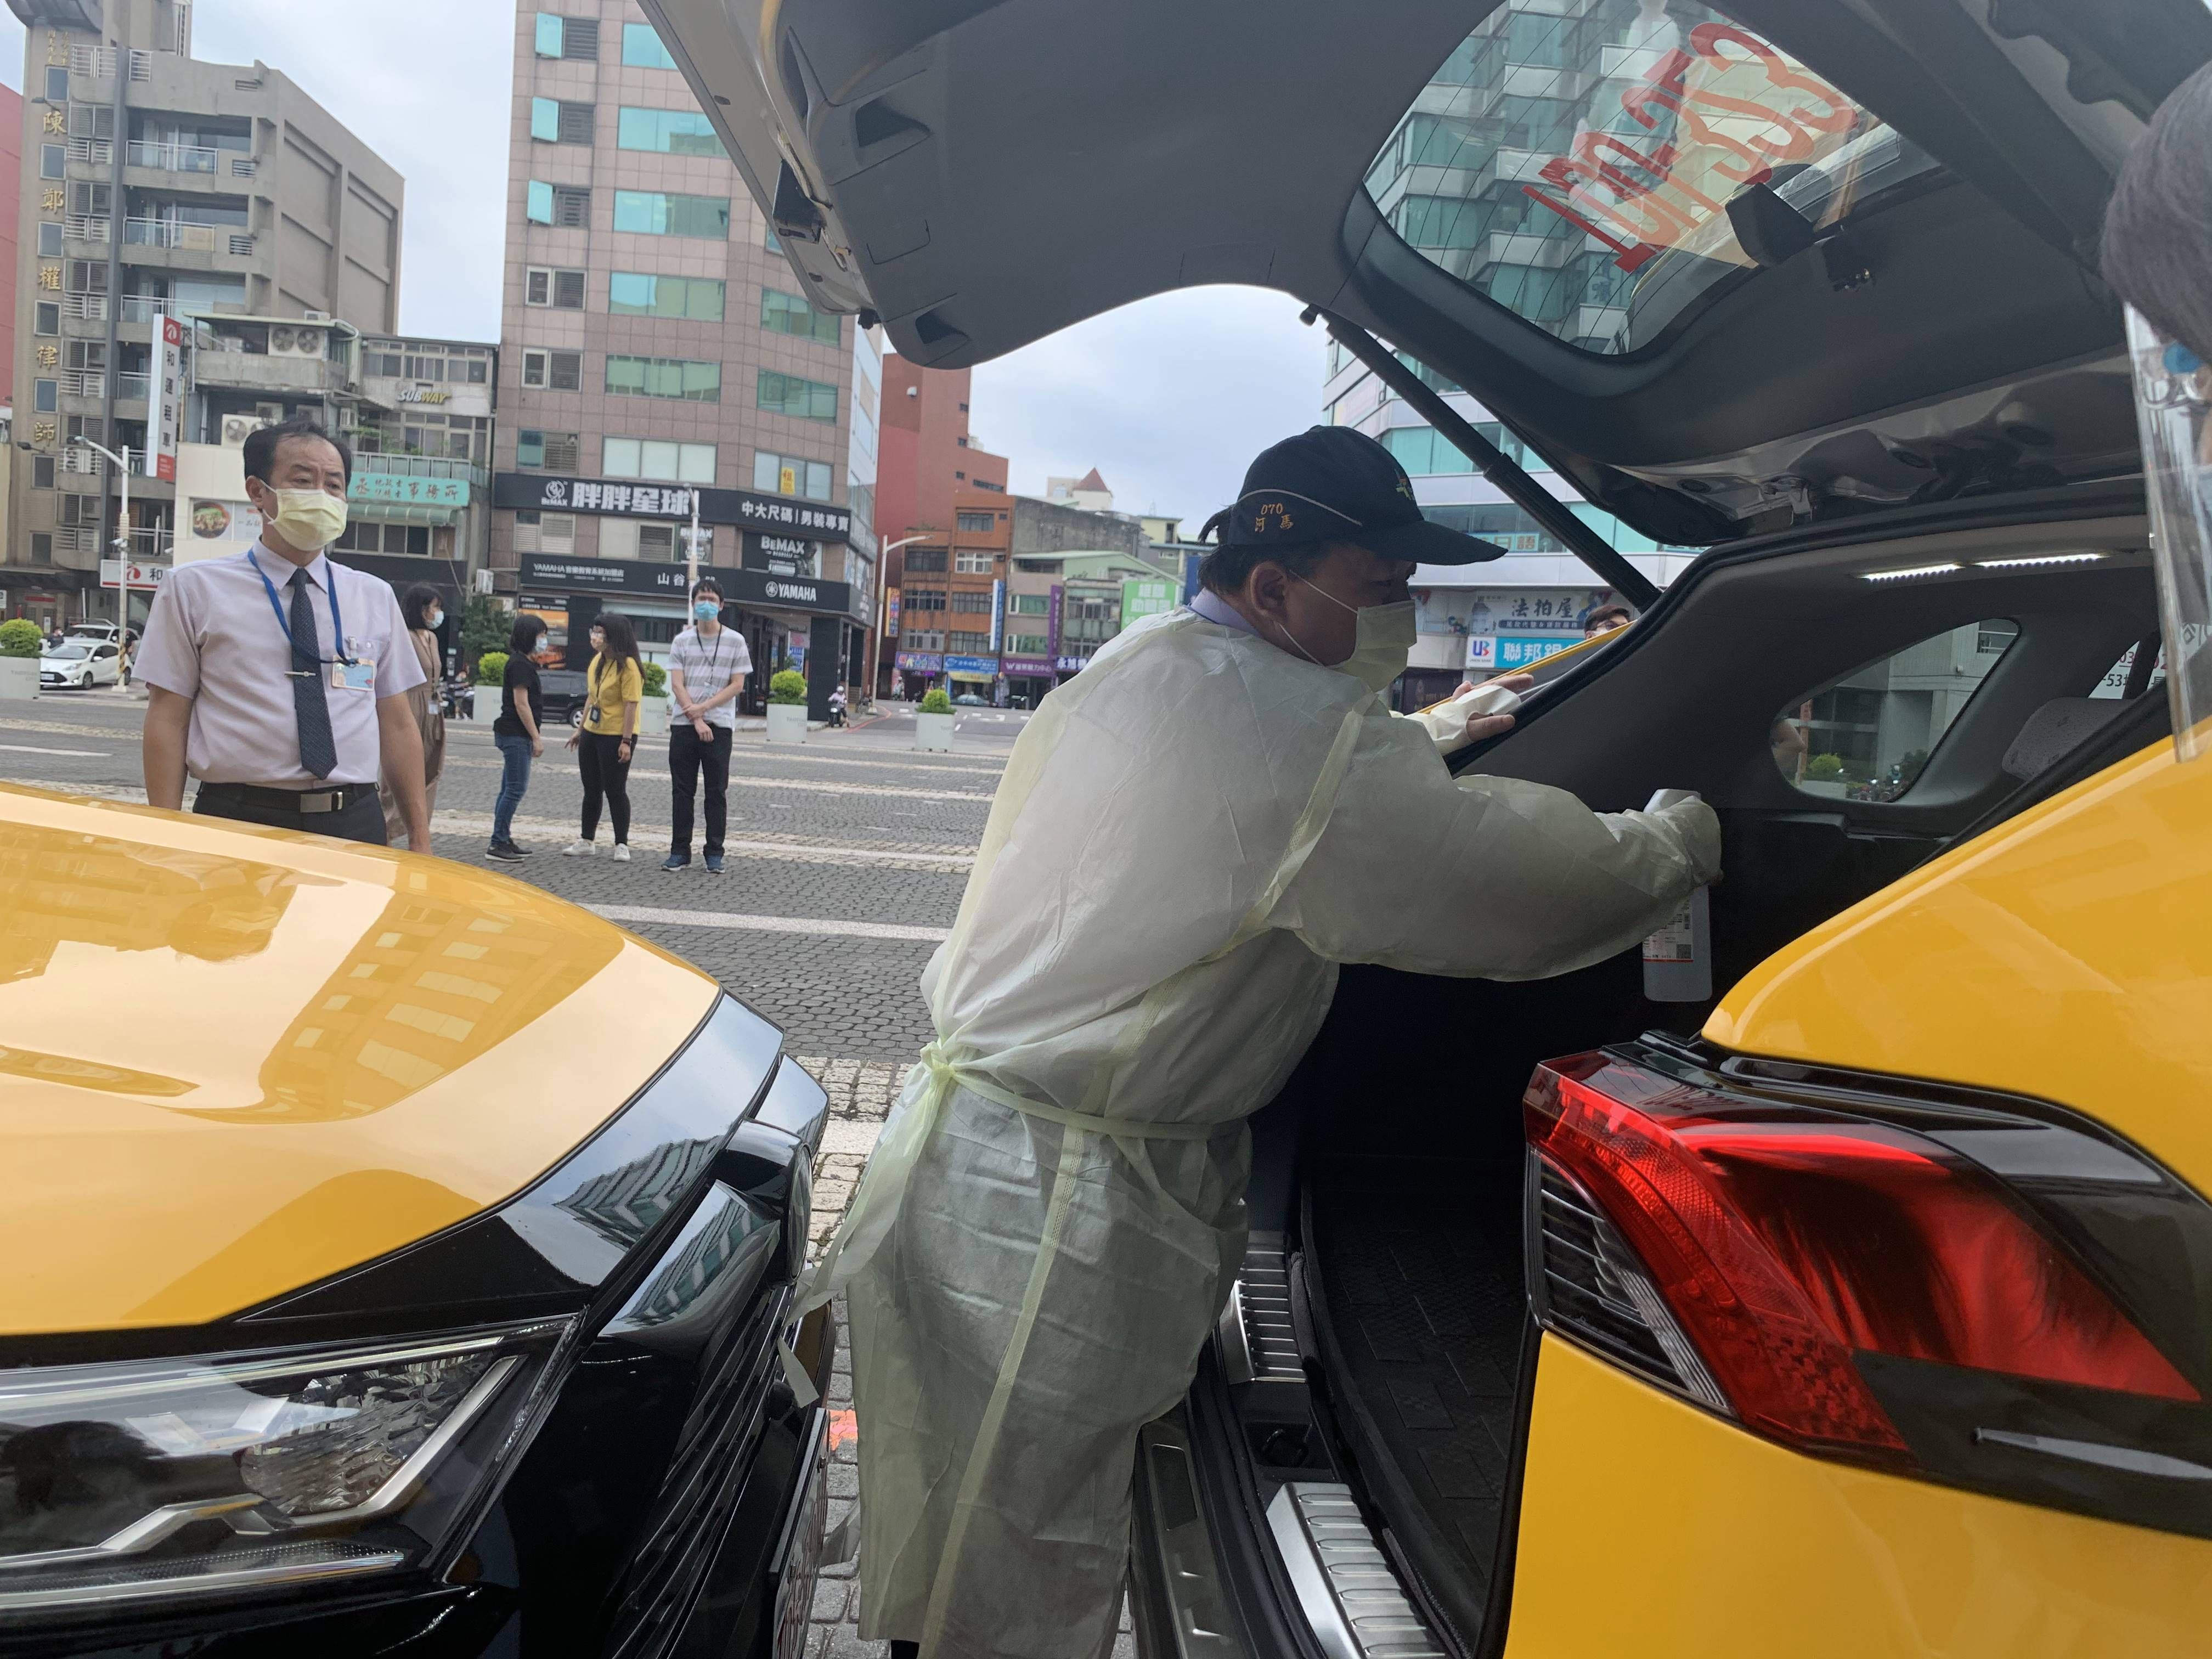 桃園市防疫車隊司機工作時,戴上口罩、防護面罩,穿上隔離衣,防護升級,保護自己,也讓乘客安心。(圖/雲豹能源提供)